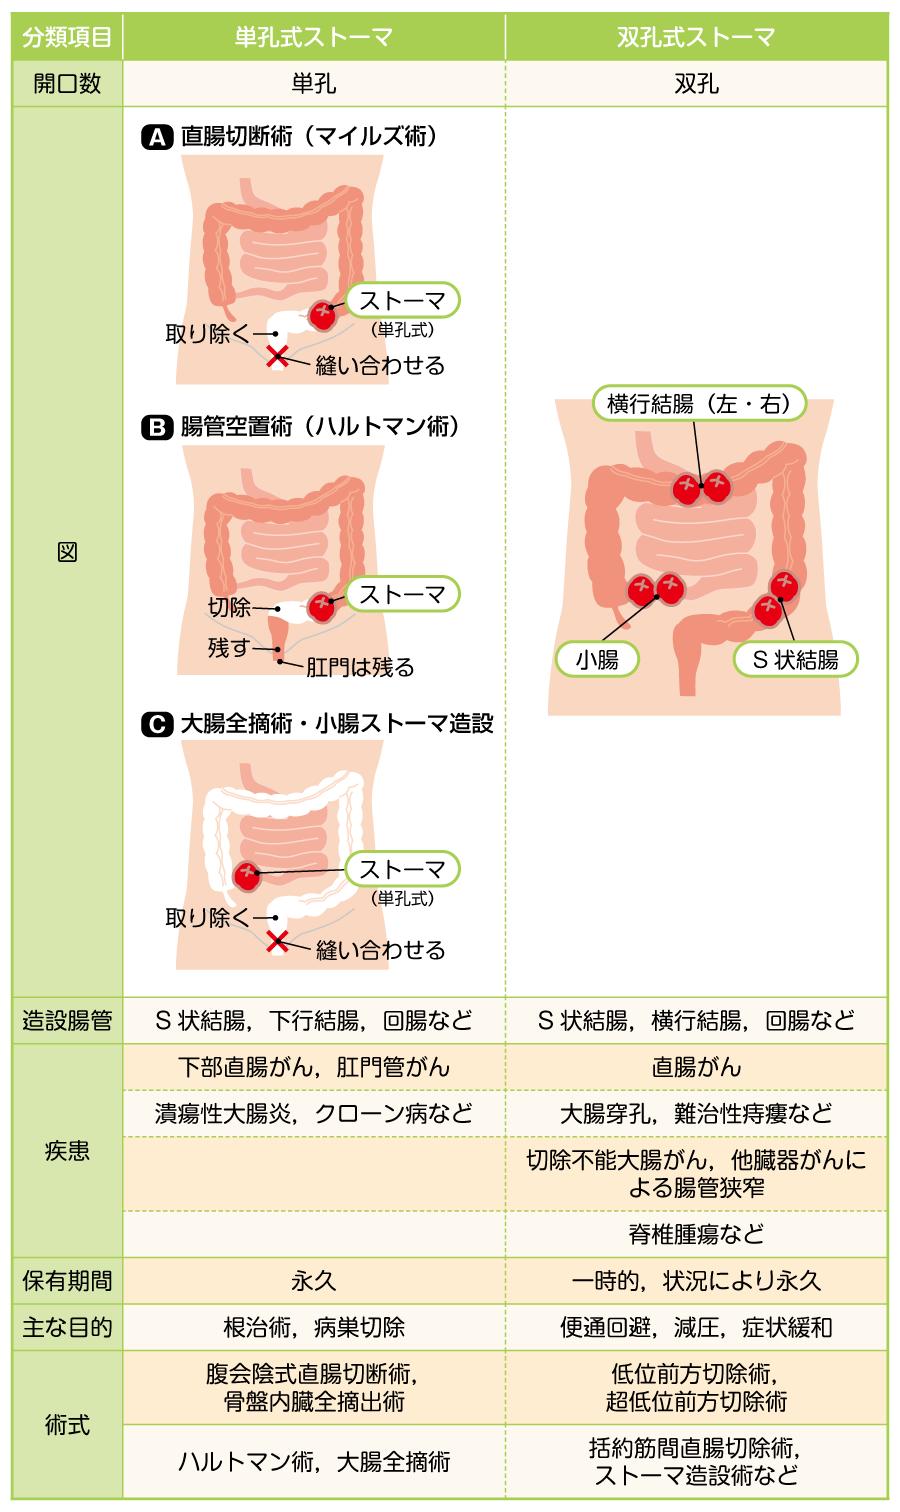 ストーマが造設される疾患・術式とストーマの種類